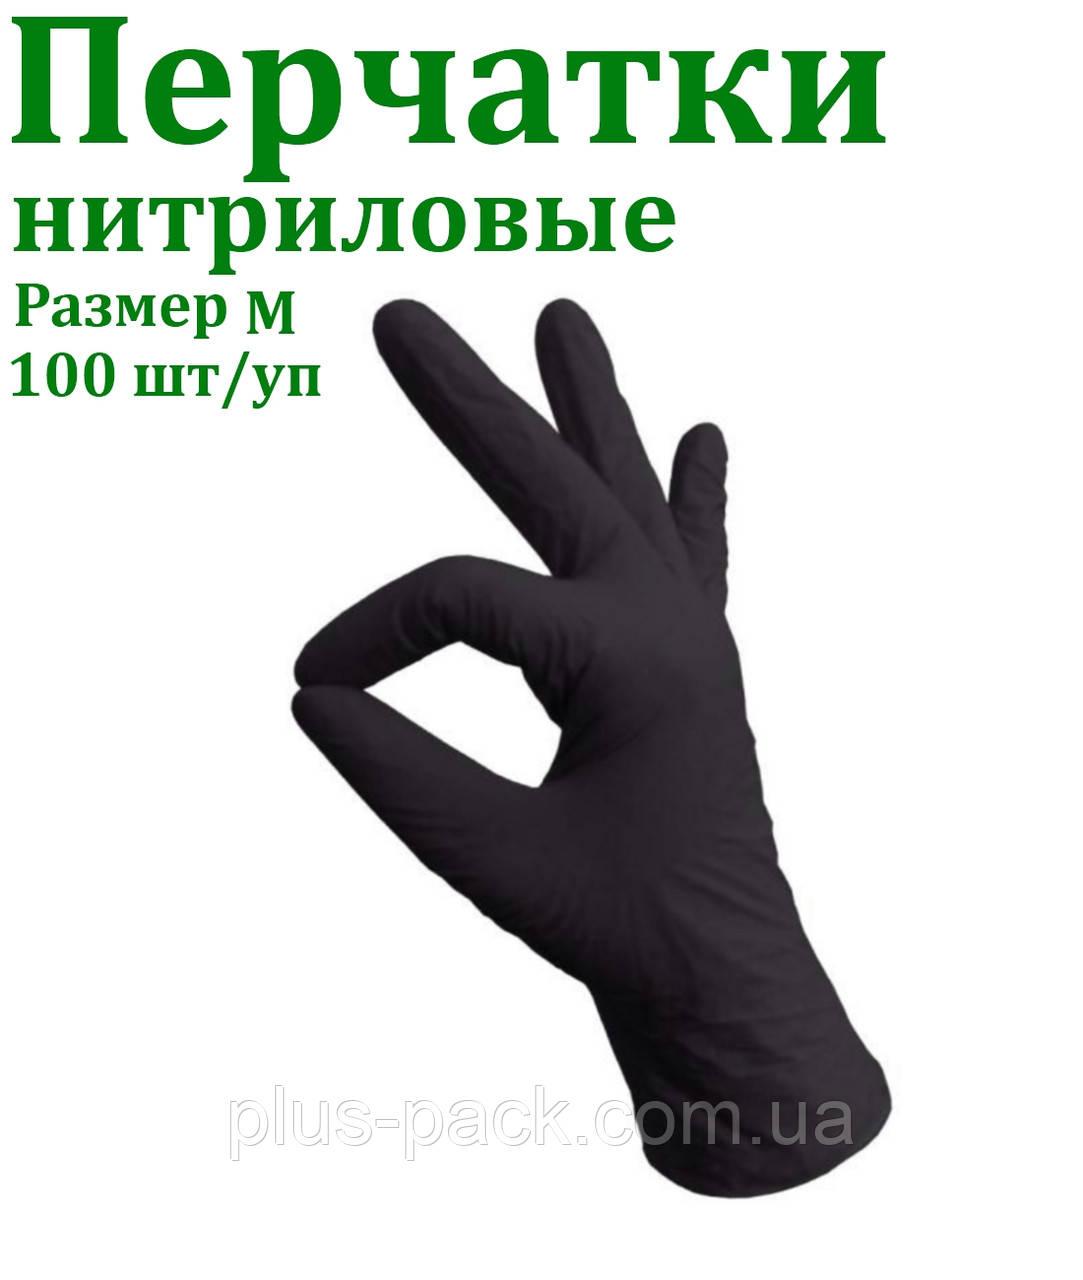 Рукавички нітрилові чорні, 100шт/уп, Розмір M